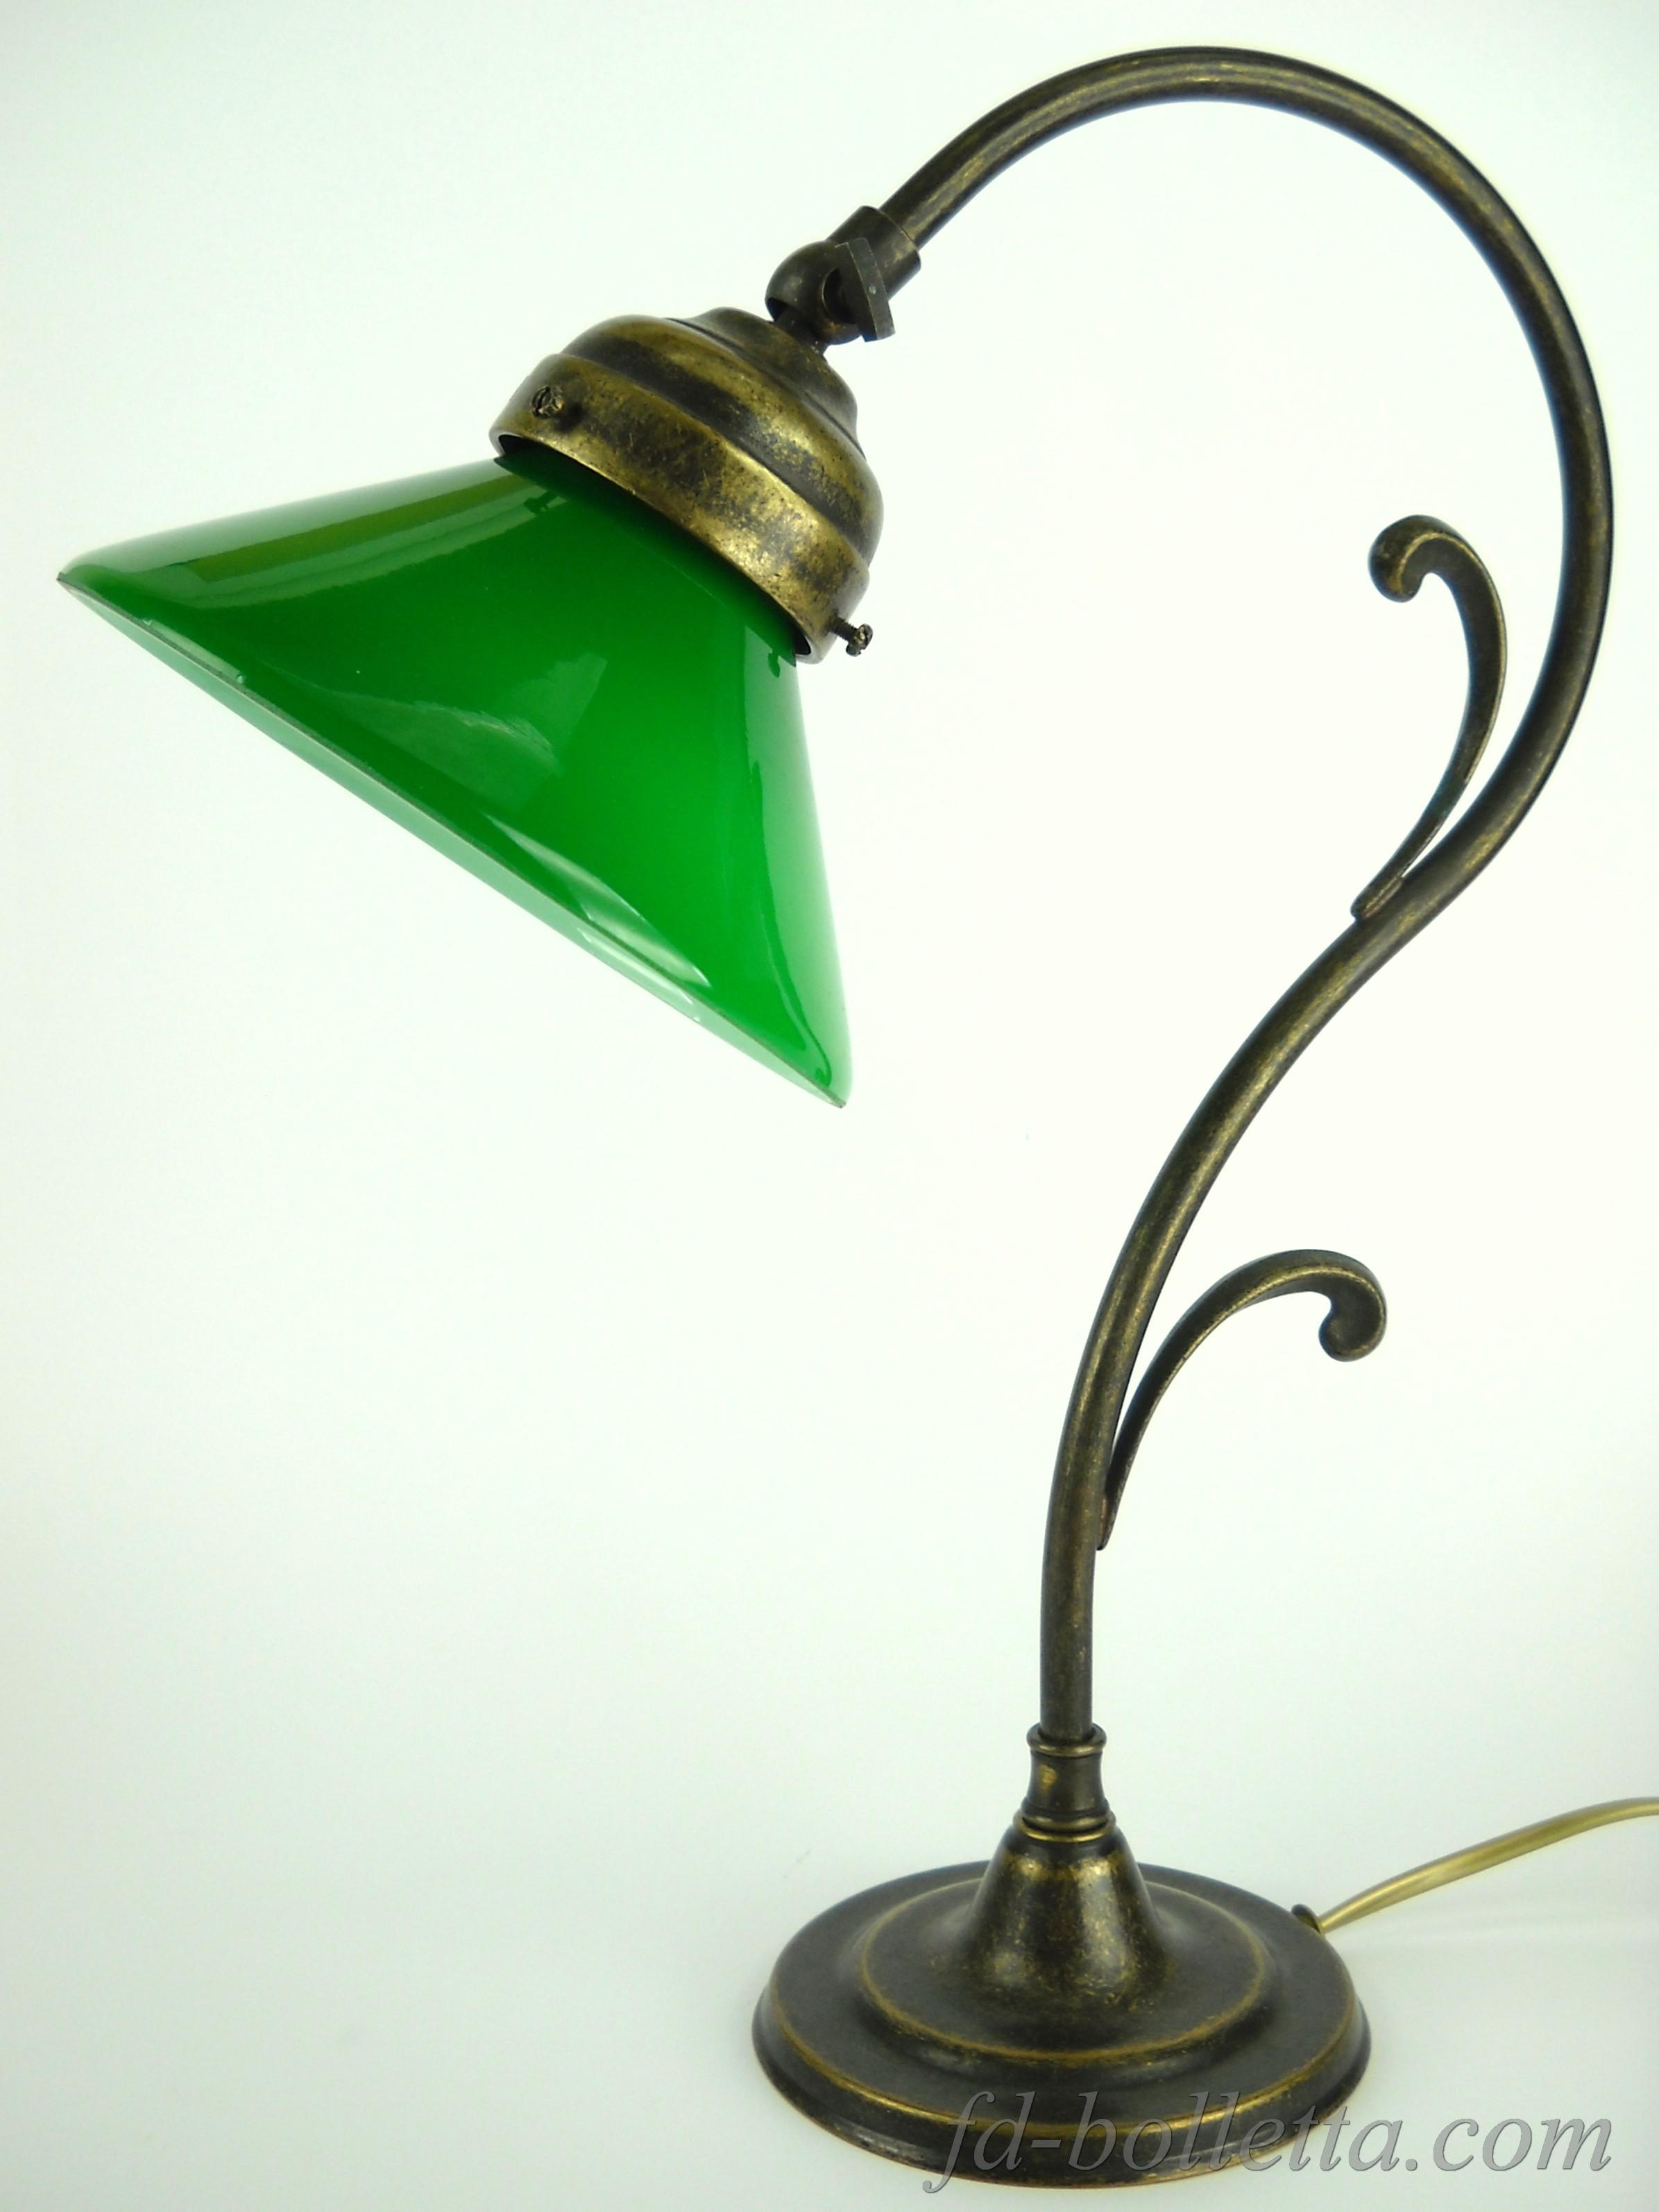 Lampada da tavolo vetro verde m33 fd bolletta lampade - Lampada verde da tavolo ...